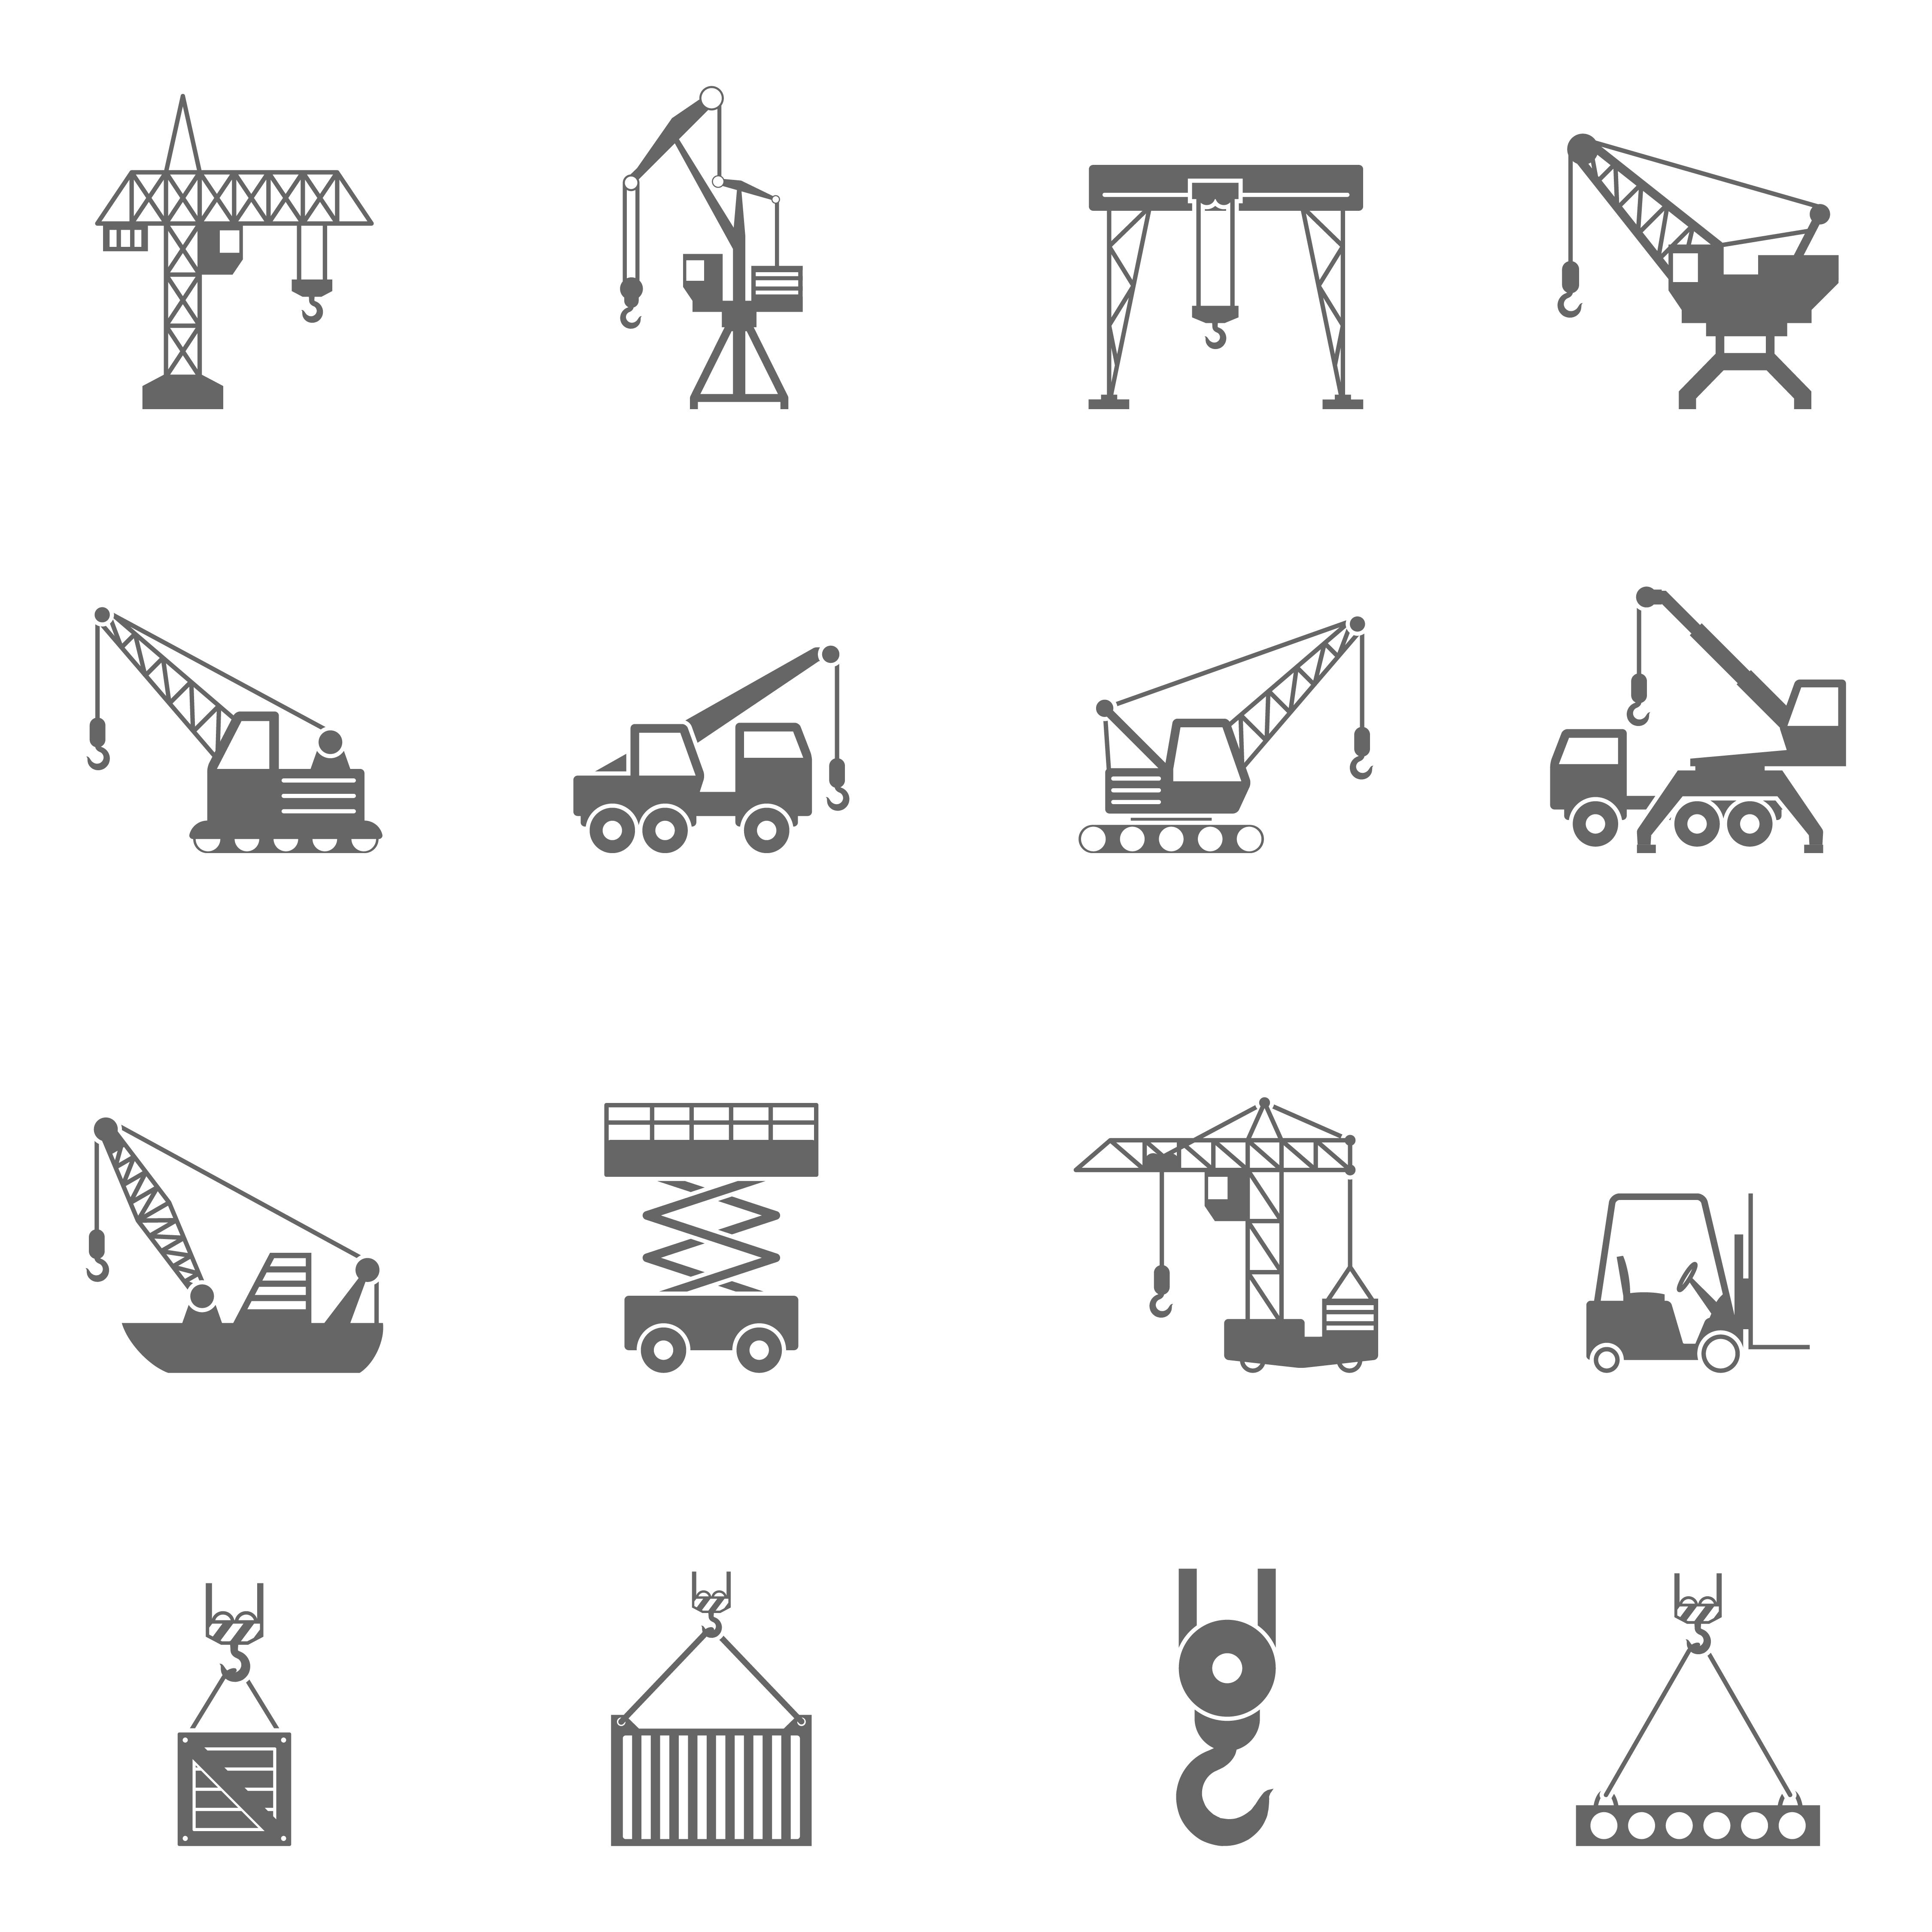 Building Construction Crane Black Icons Set